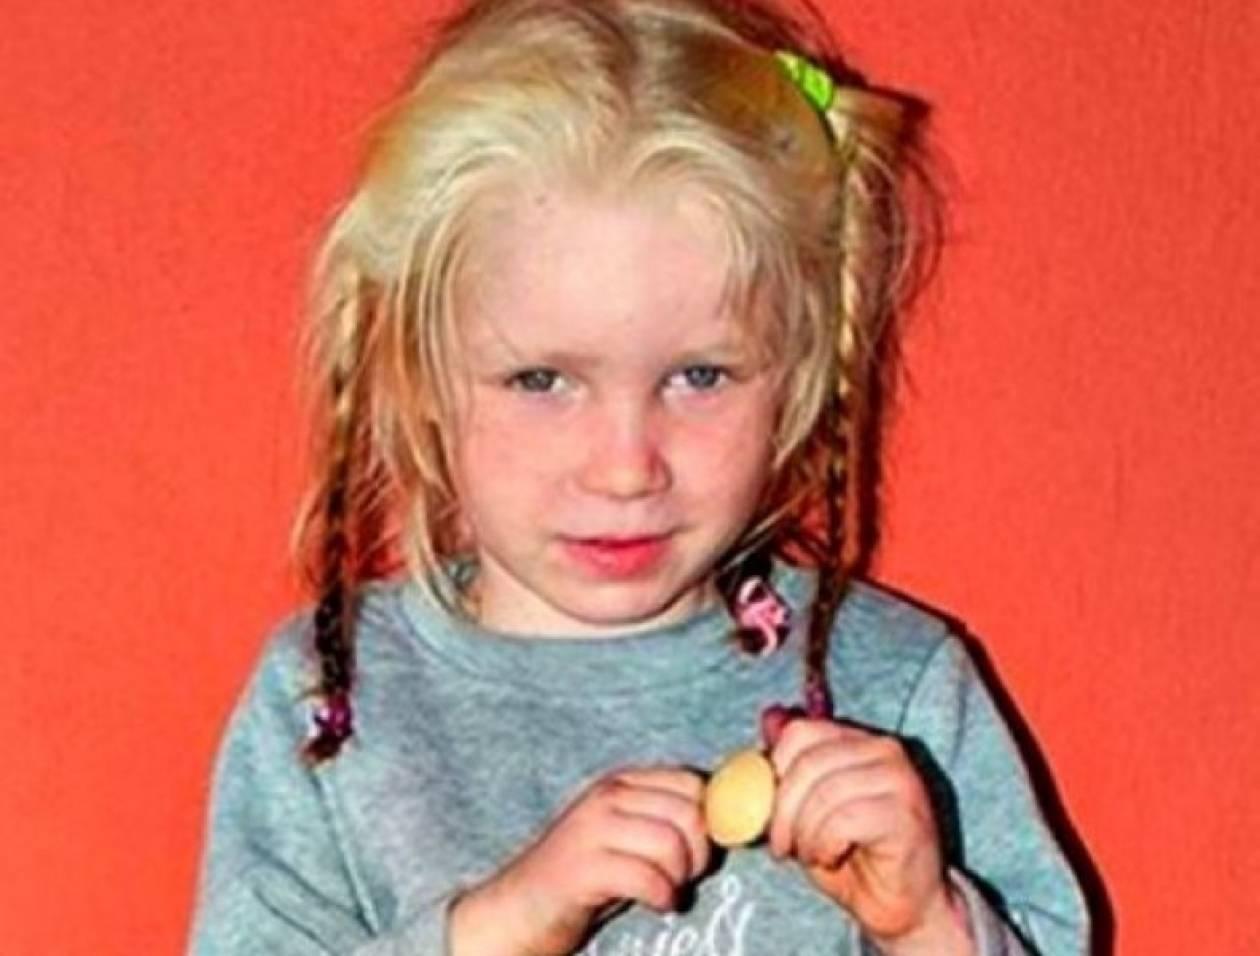 Πού είναι η μικρή Μαρία σήμερα; Το «Χαμόγελο του παιδιού» απαντά